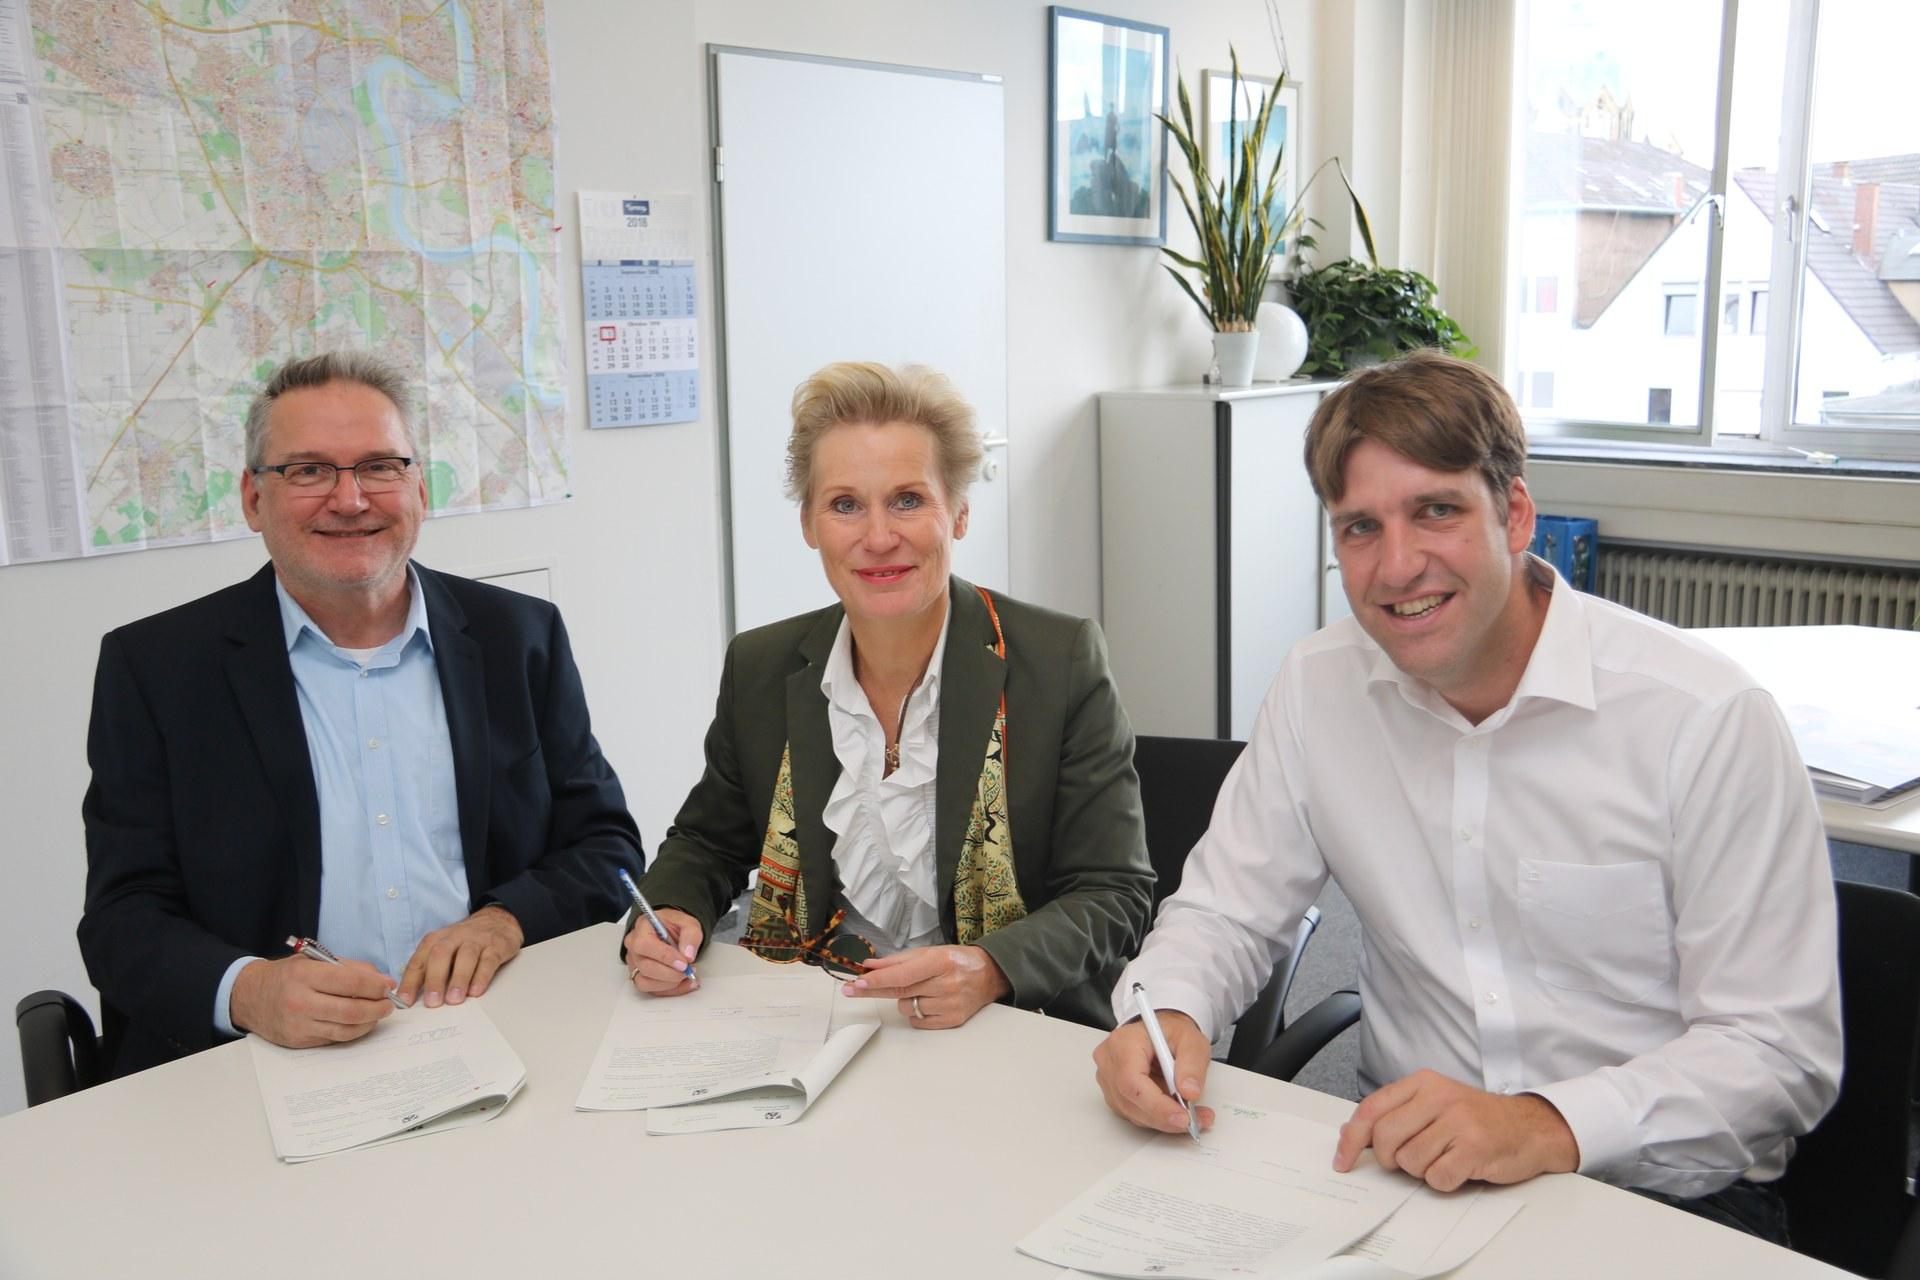 (v.l.) Helge Wallmeier, stellvertretender Jugendamtsleiter; Astrid Ficinus, Aufsichtsbeamtin für Grundschulen im Rhein-Kreis Neuss; und Achim König, Programmleiter Education Y, unterzeichnen den Vertrag.